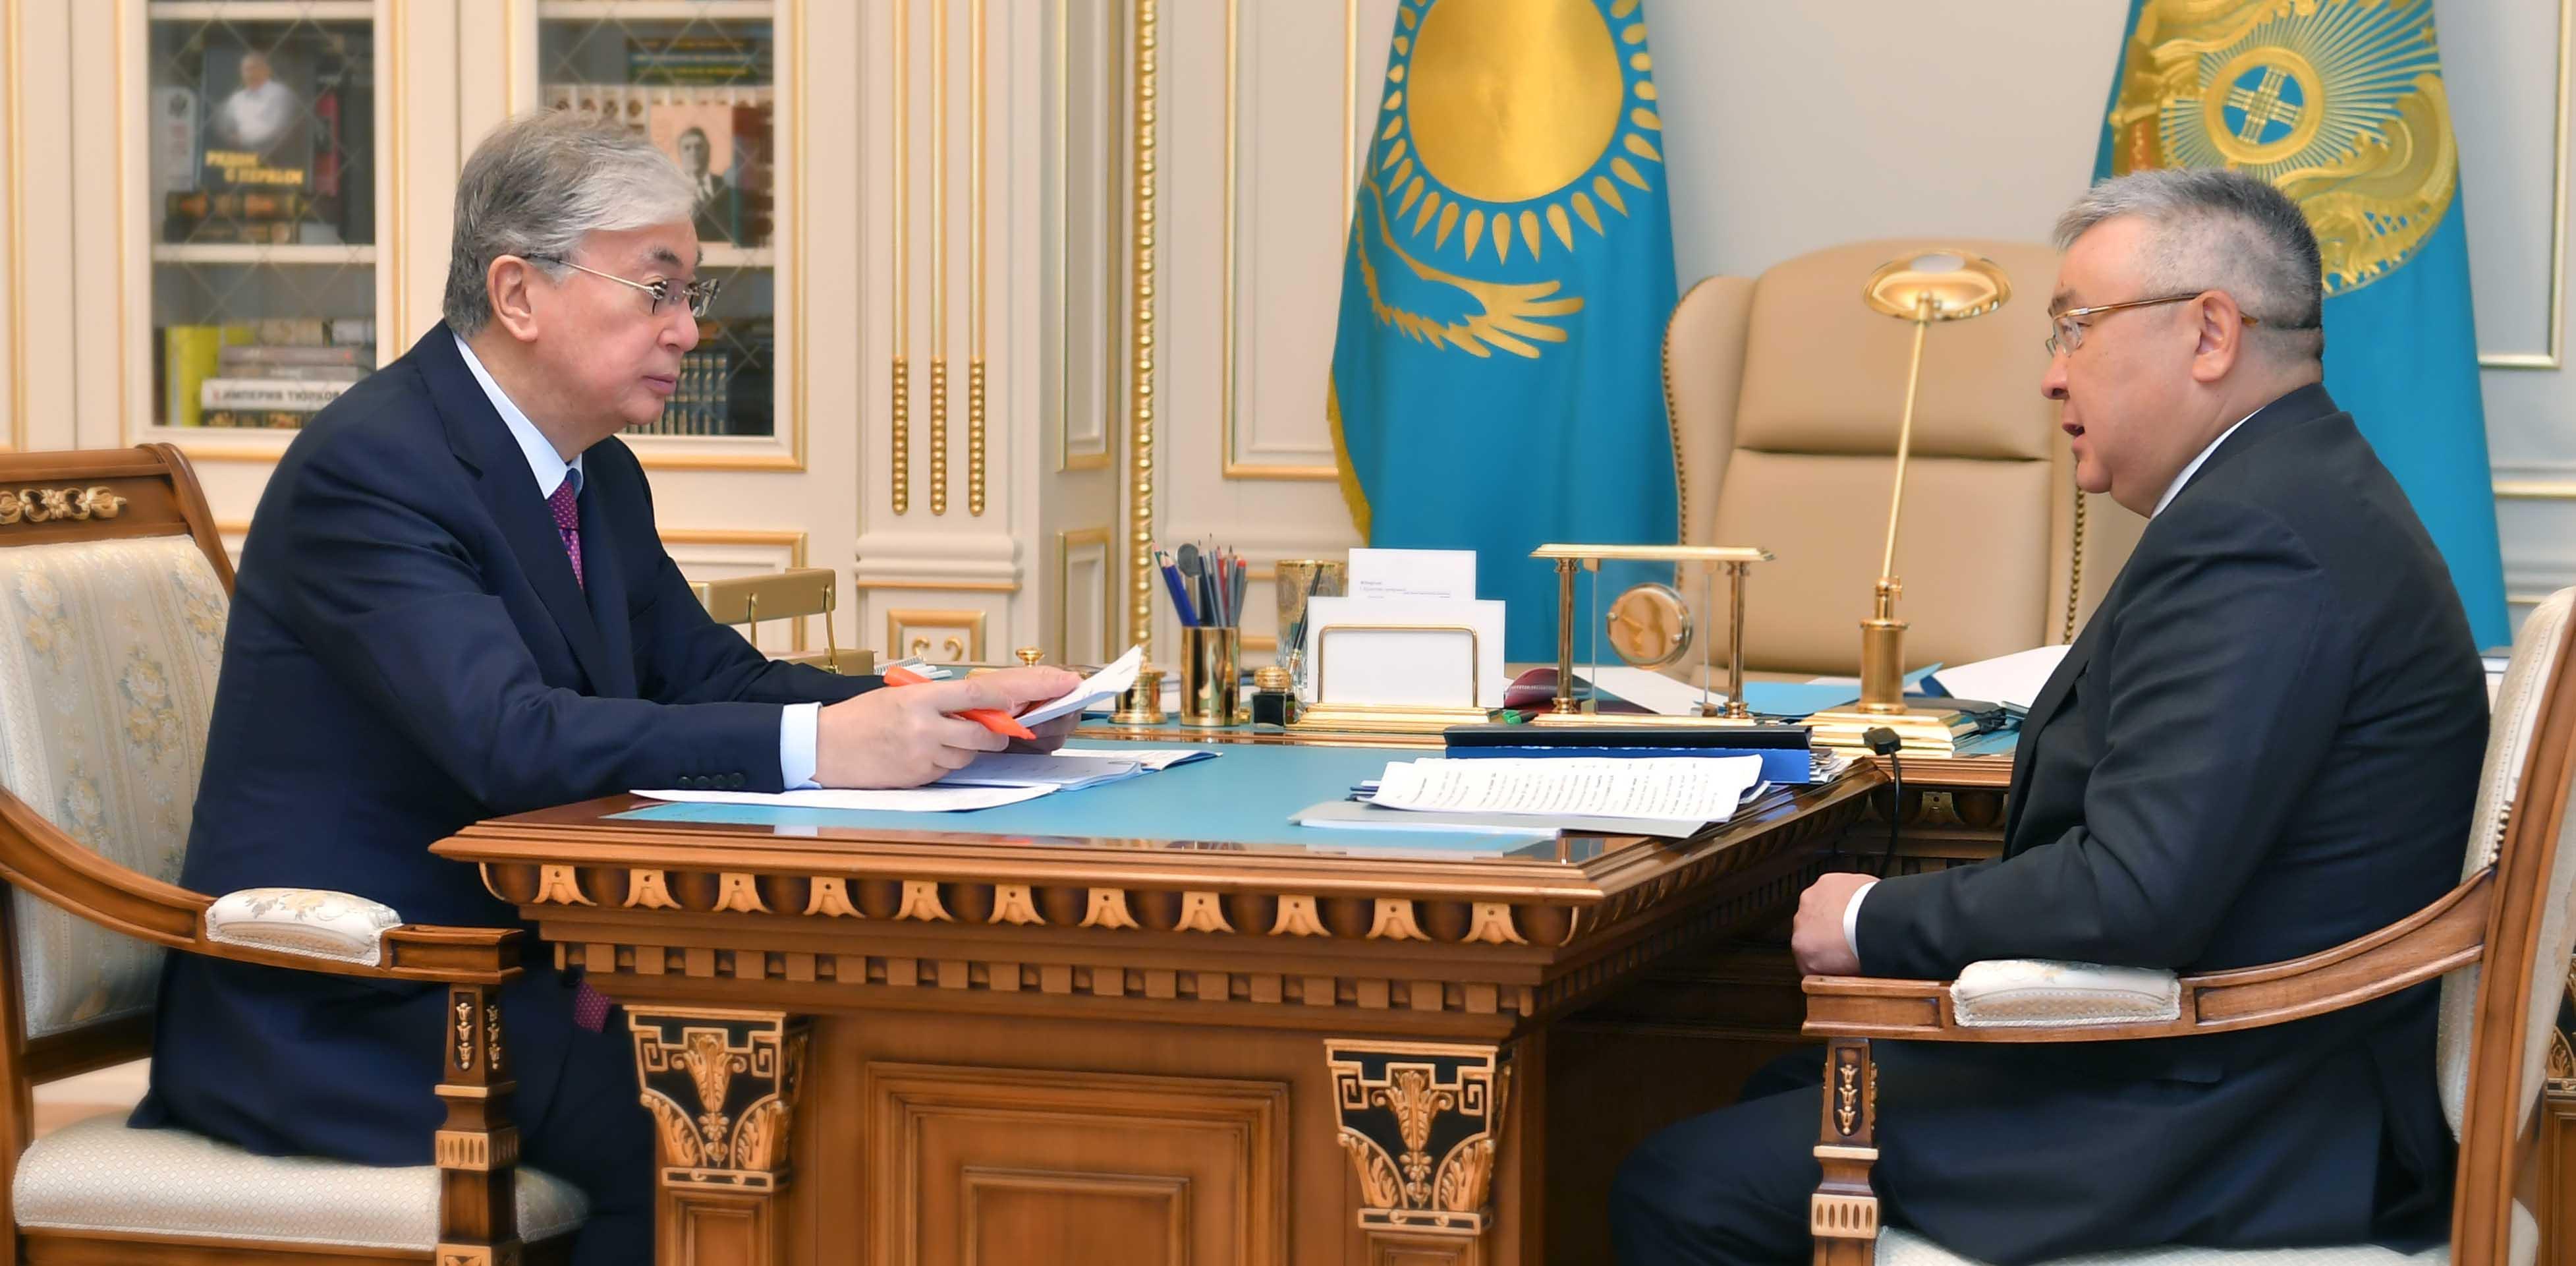 Касым-Жомарт Токаев принял председателя Высшего судебного совета Талгата Донакова